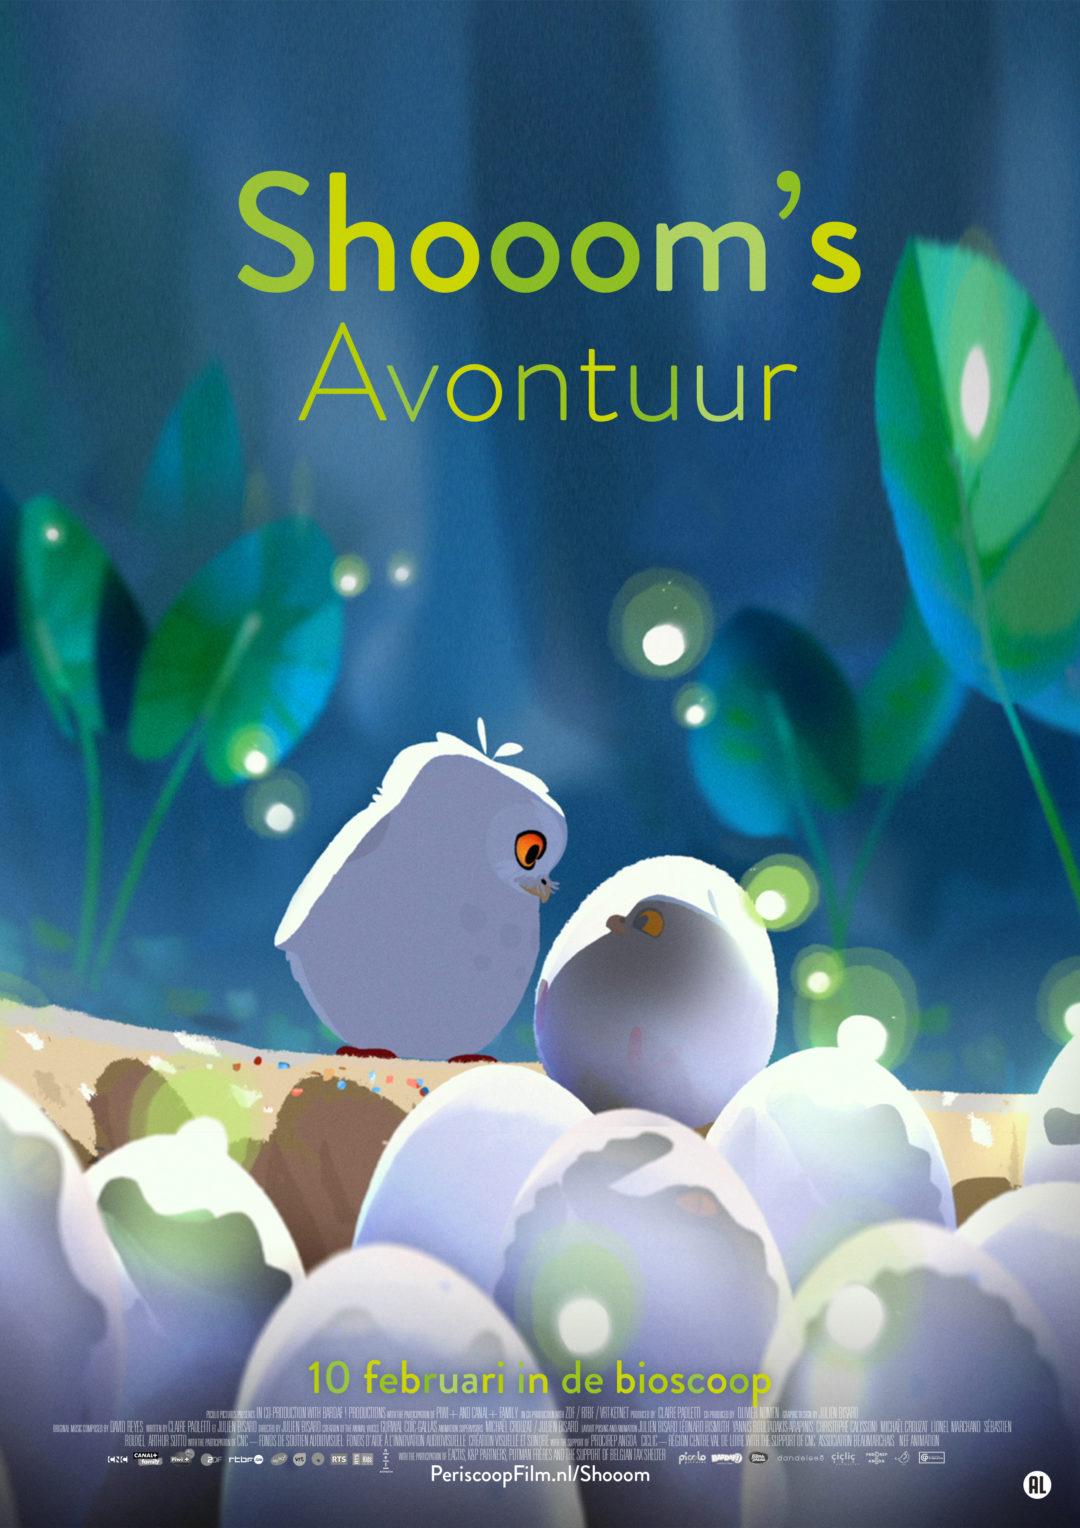 Shooom-s-Avontuur_ps_1_jpg_sd-high.jpg